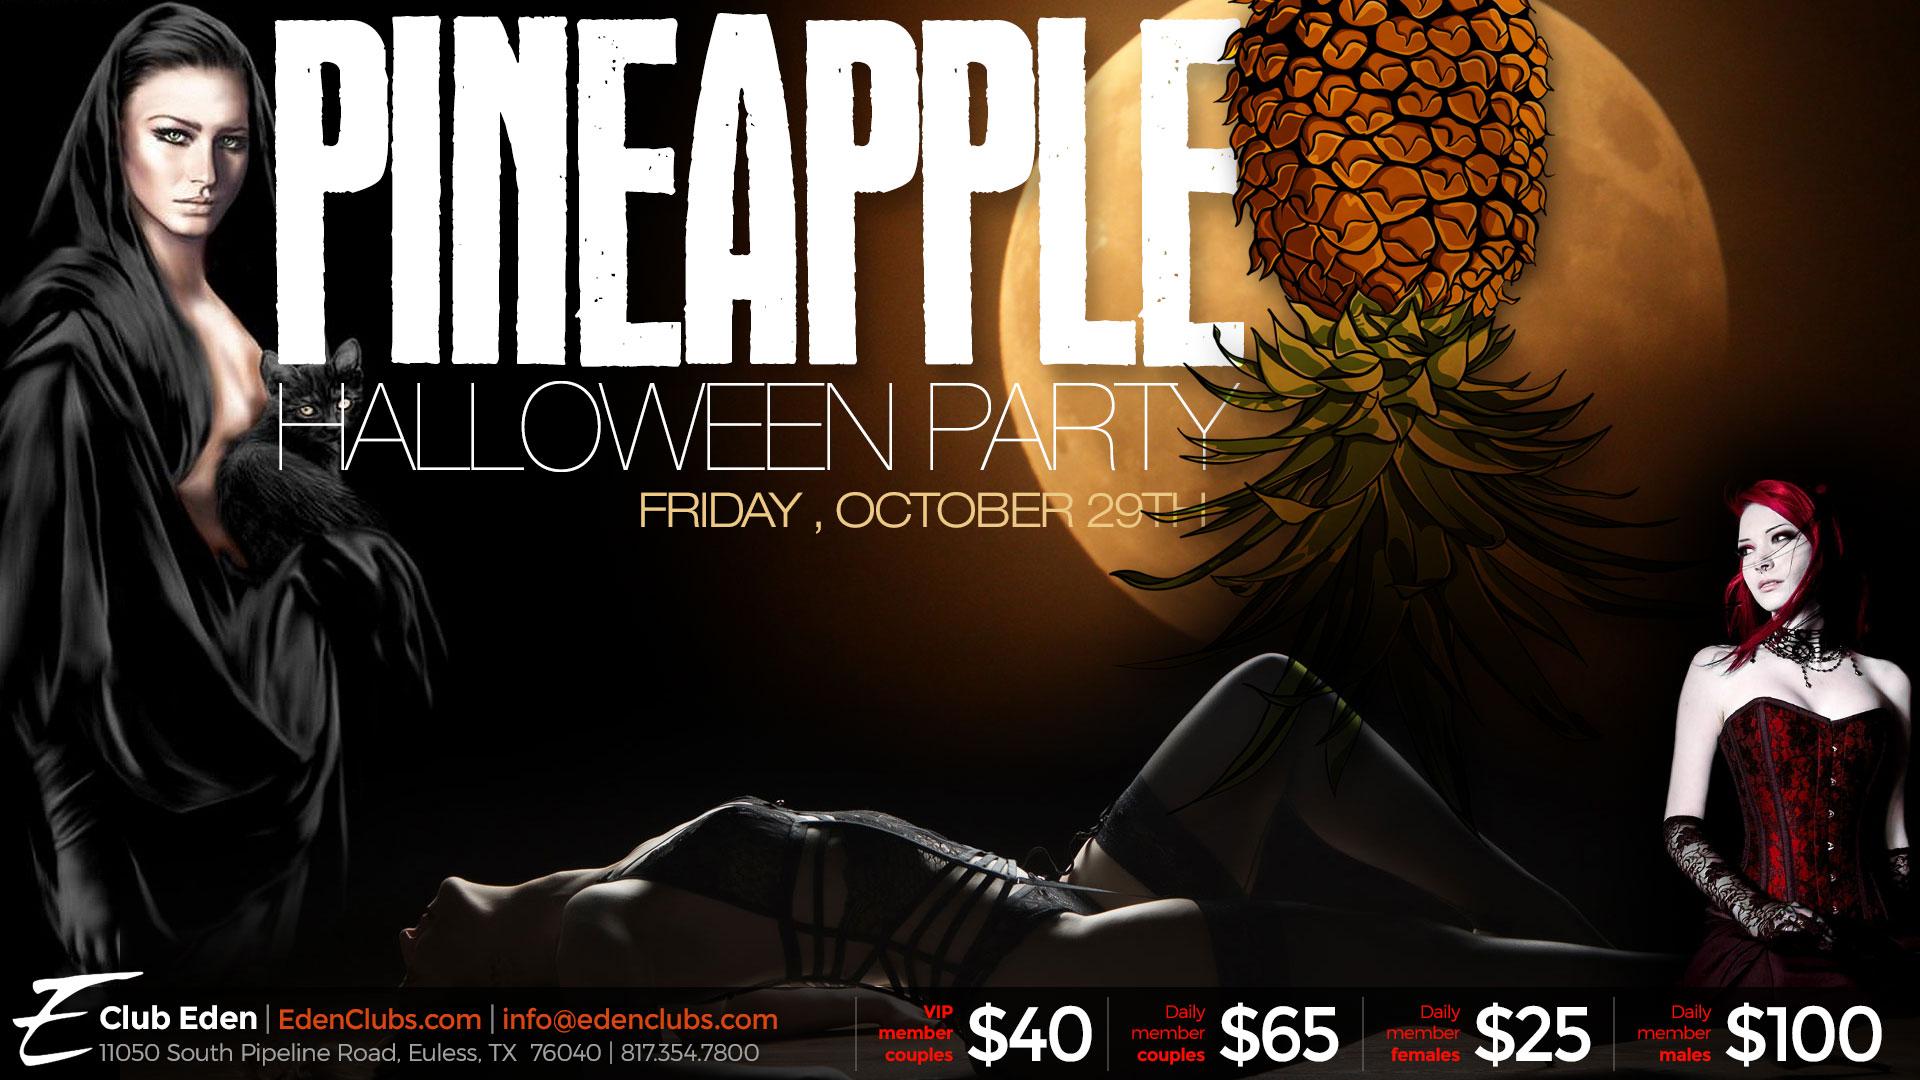 102921-Pineapple-Halloween-eden-dfw-tv